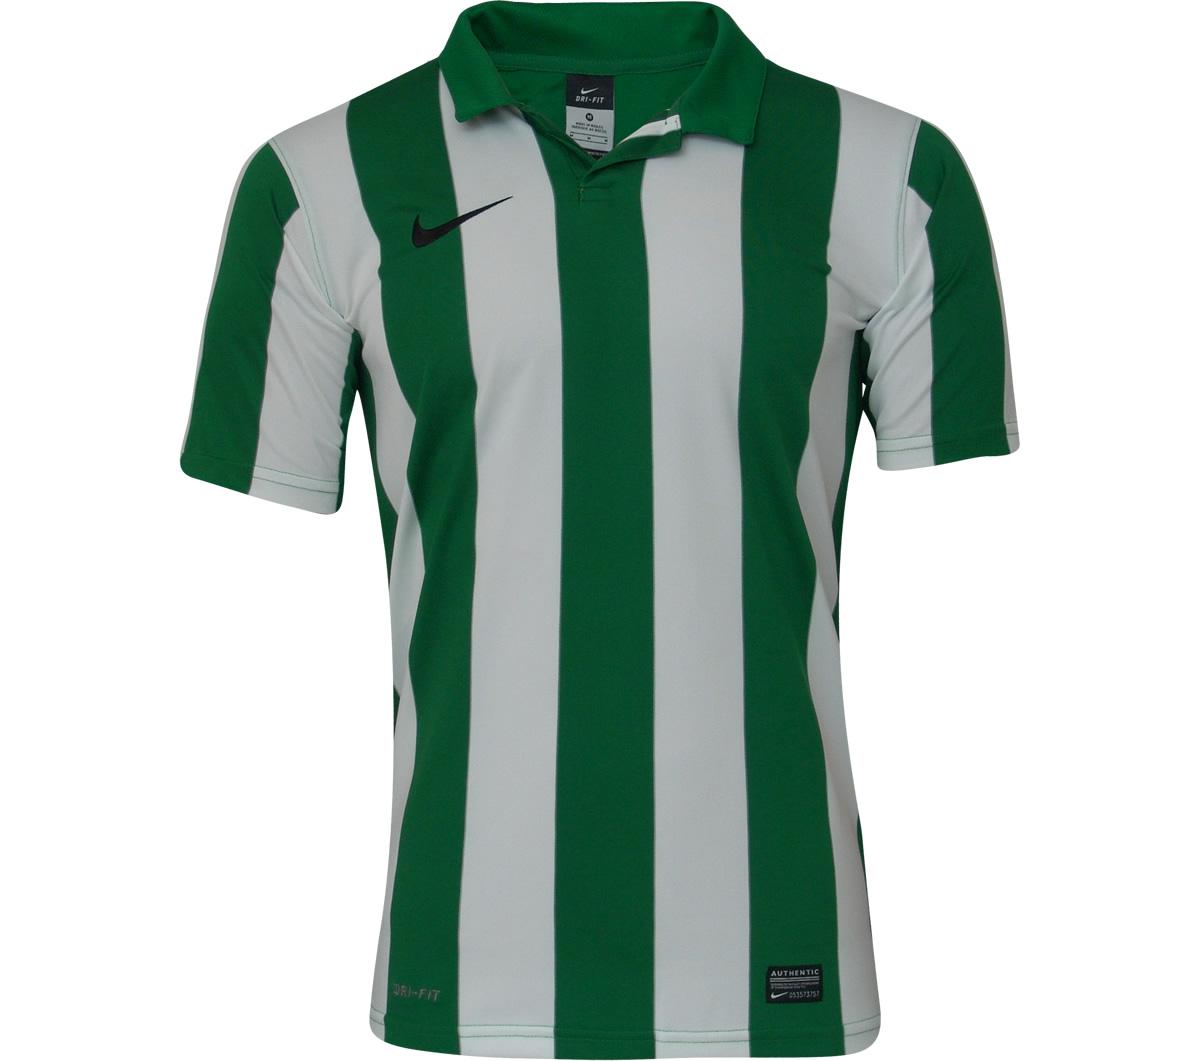 8c78e941b0a3d Camisa Nike Inter III Stripe Branca e Azul - Mundo do Futebol